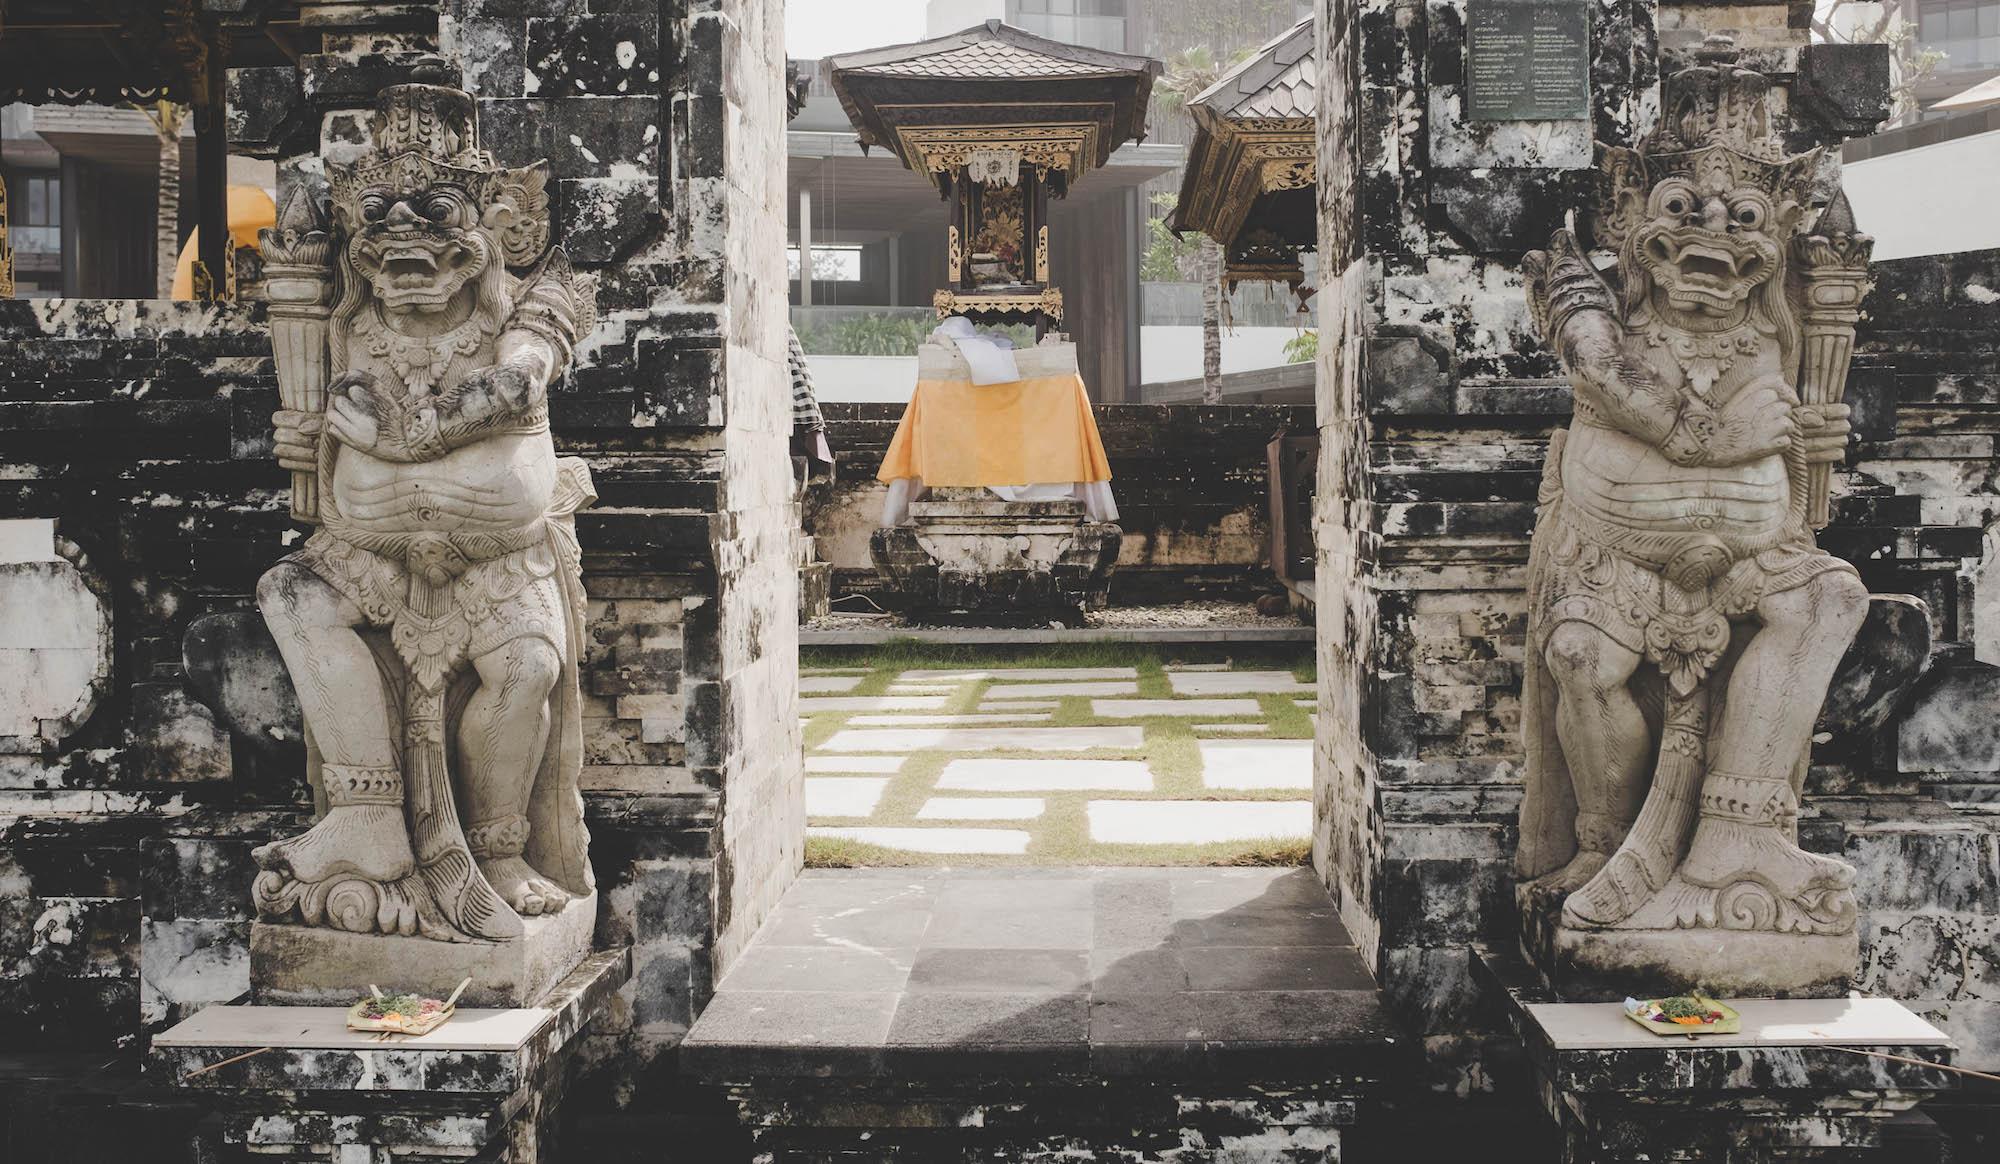 2017-04-Alila-Seminyak - alila-seminyak-bali-nectarandpulse-temple-6.jpg